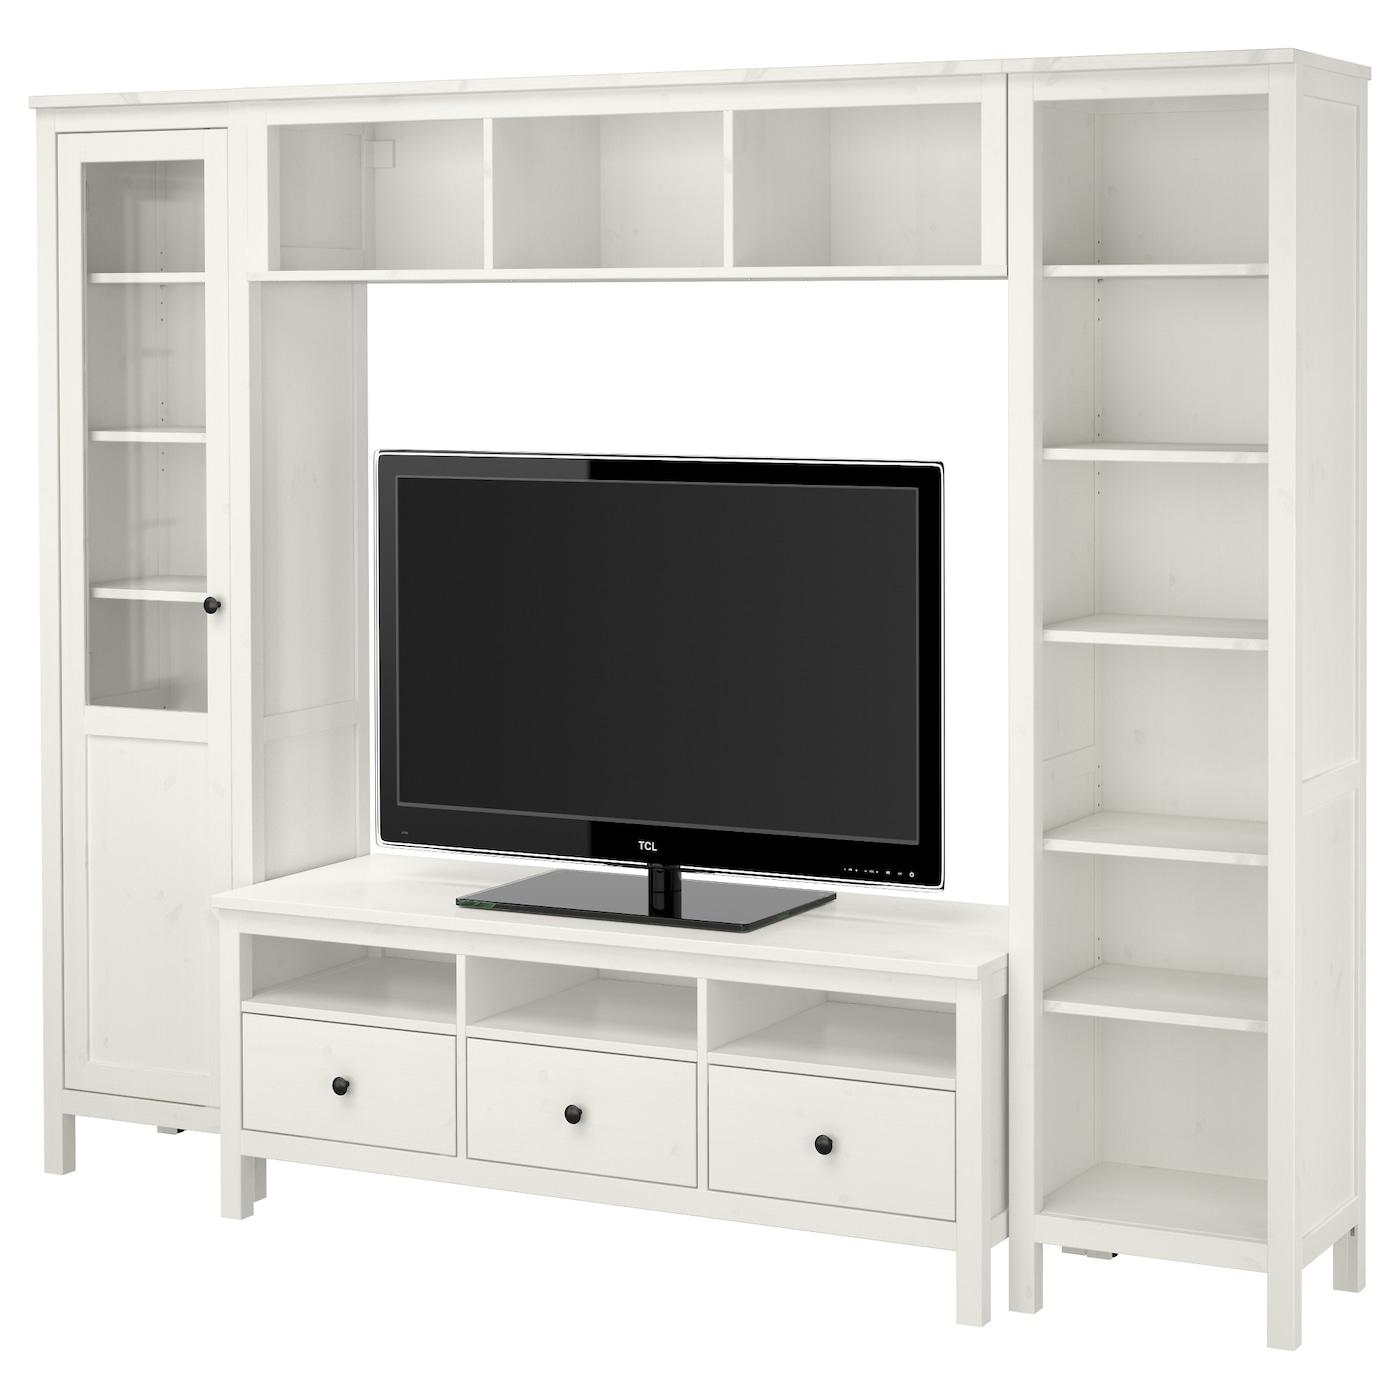 Meuble Tv Biblioth Que Ikea # Meuble Bibliotheque Tv Ikea